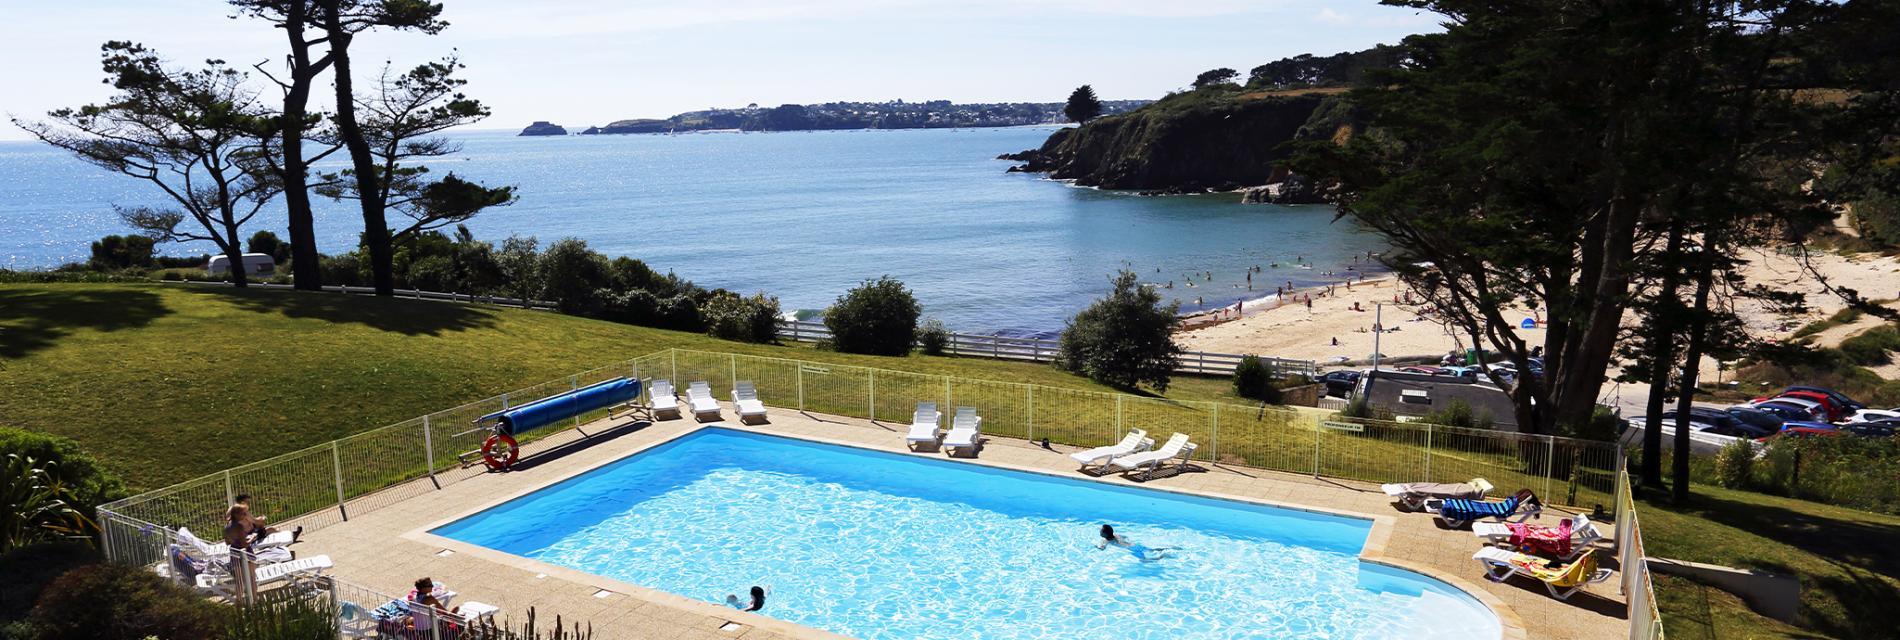 Slide La piscine de la résidence Iroise Armorique - Locmaria